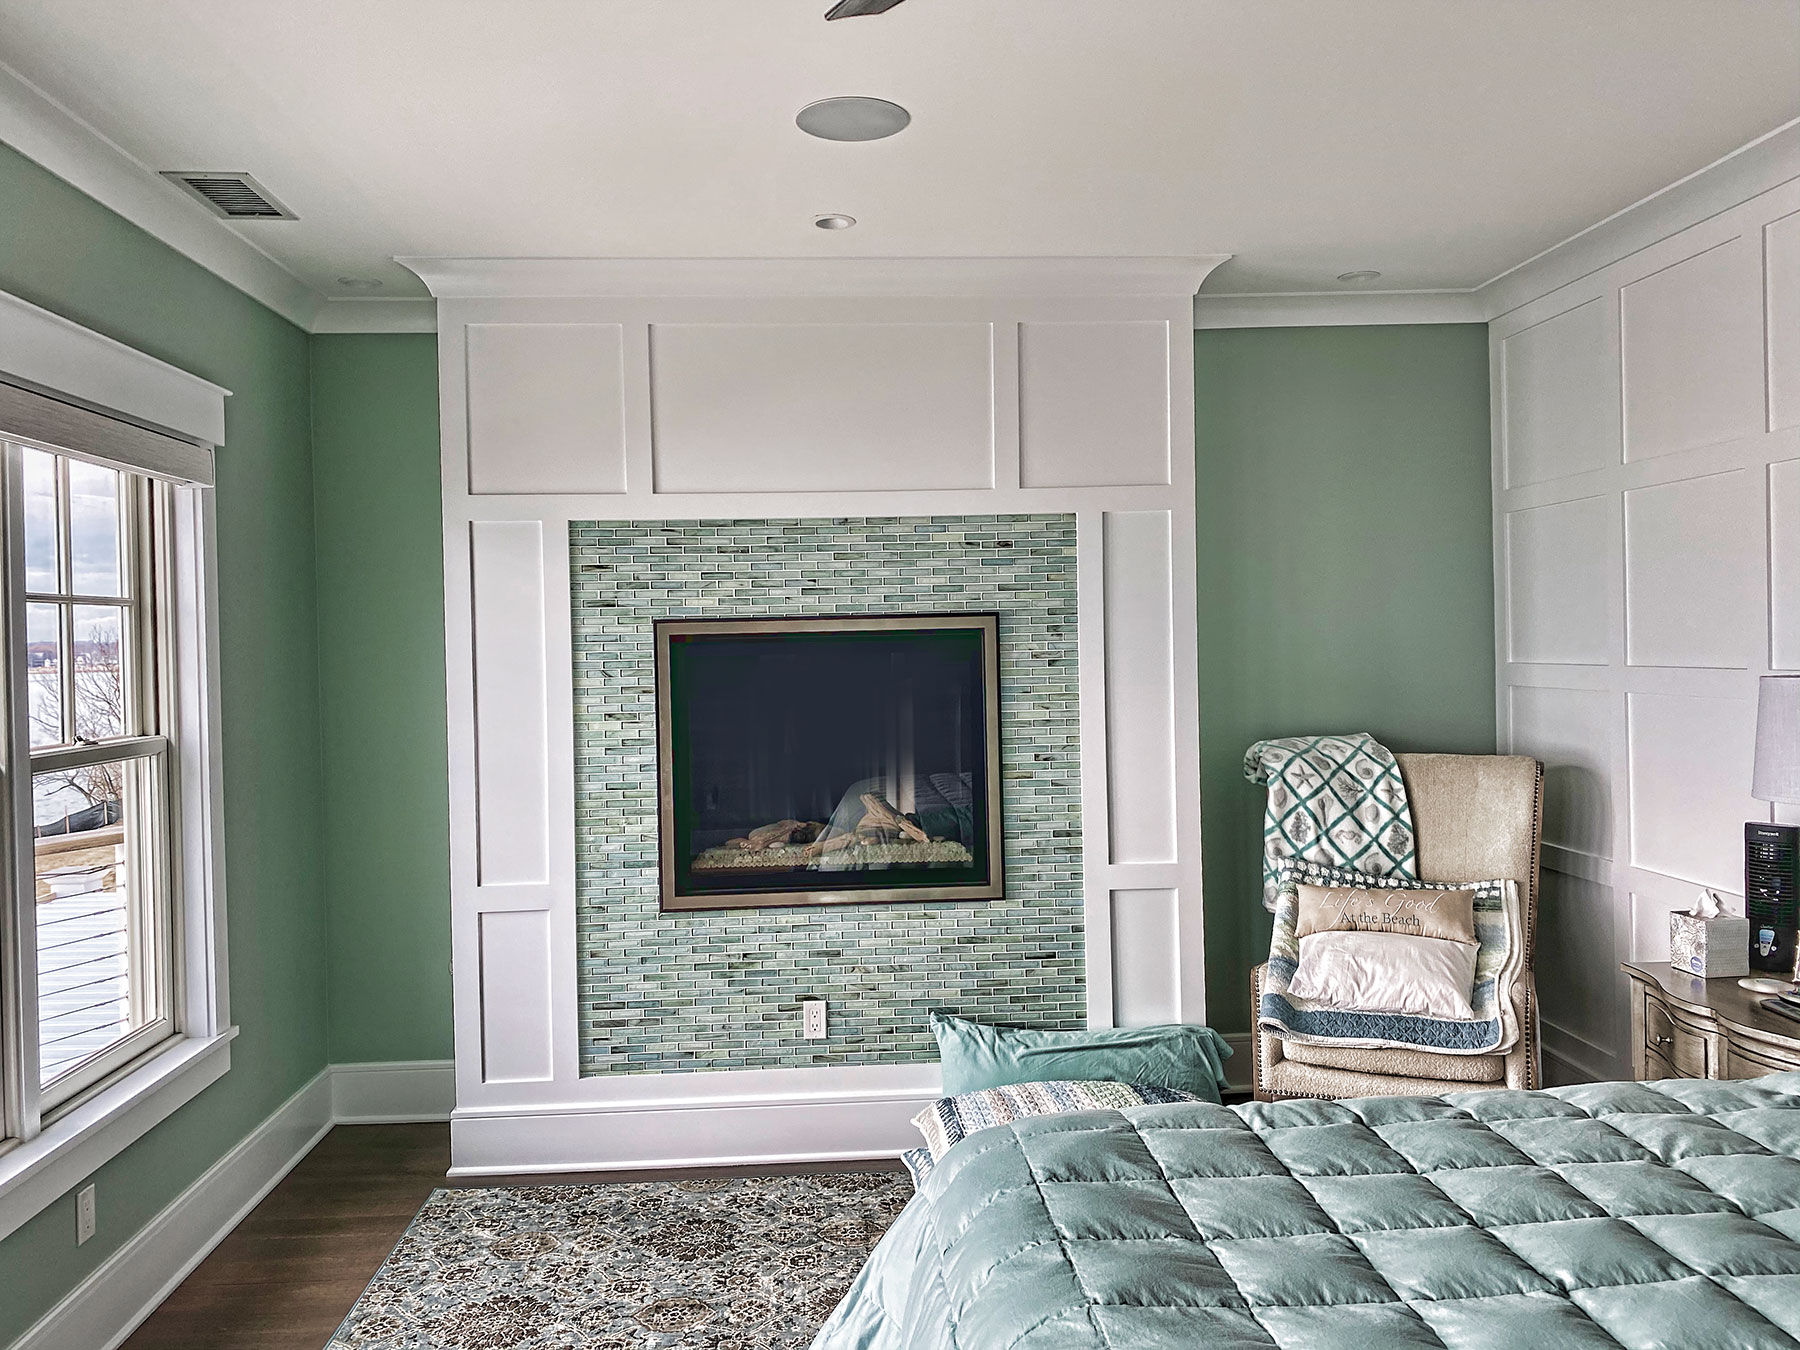 Bedrooms 4